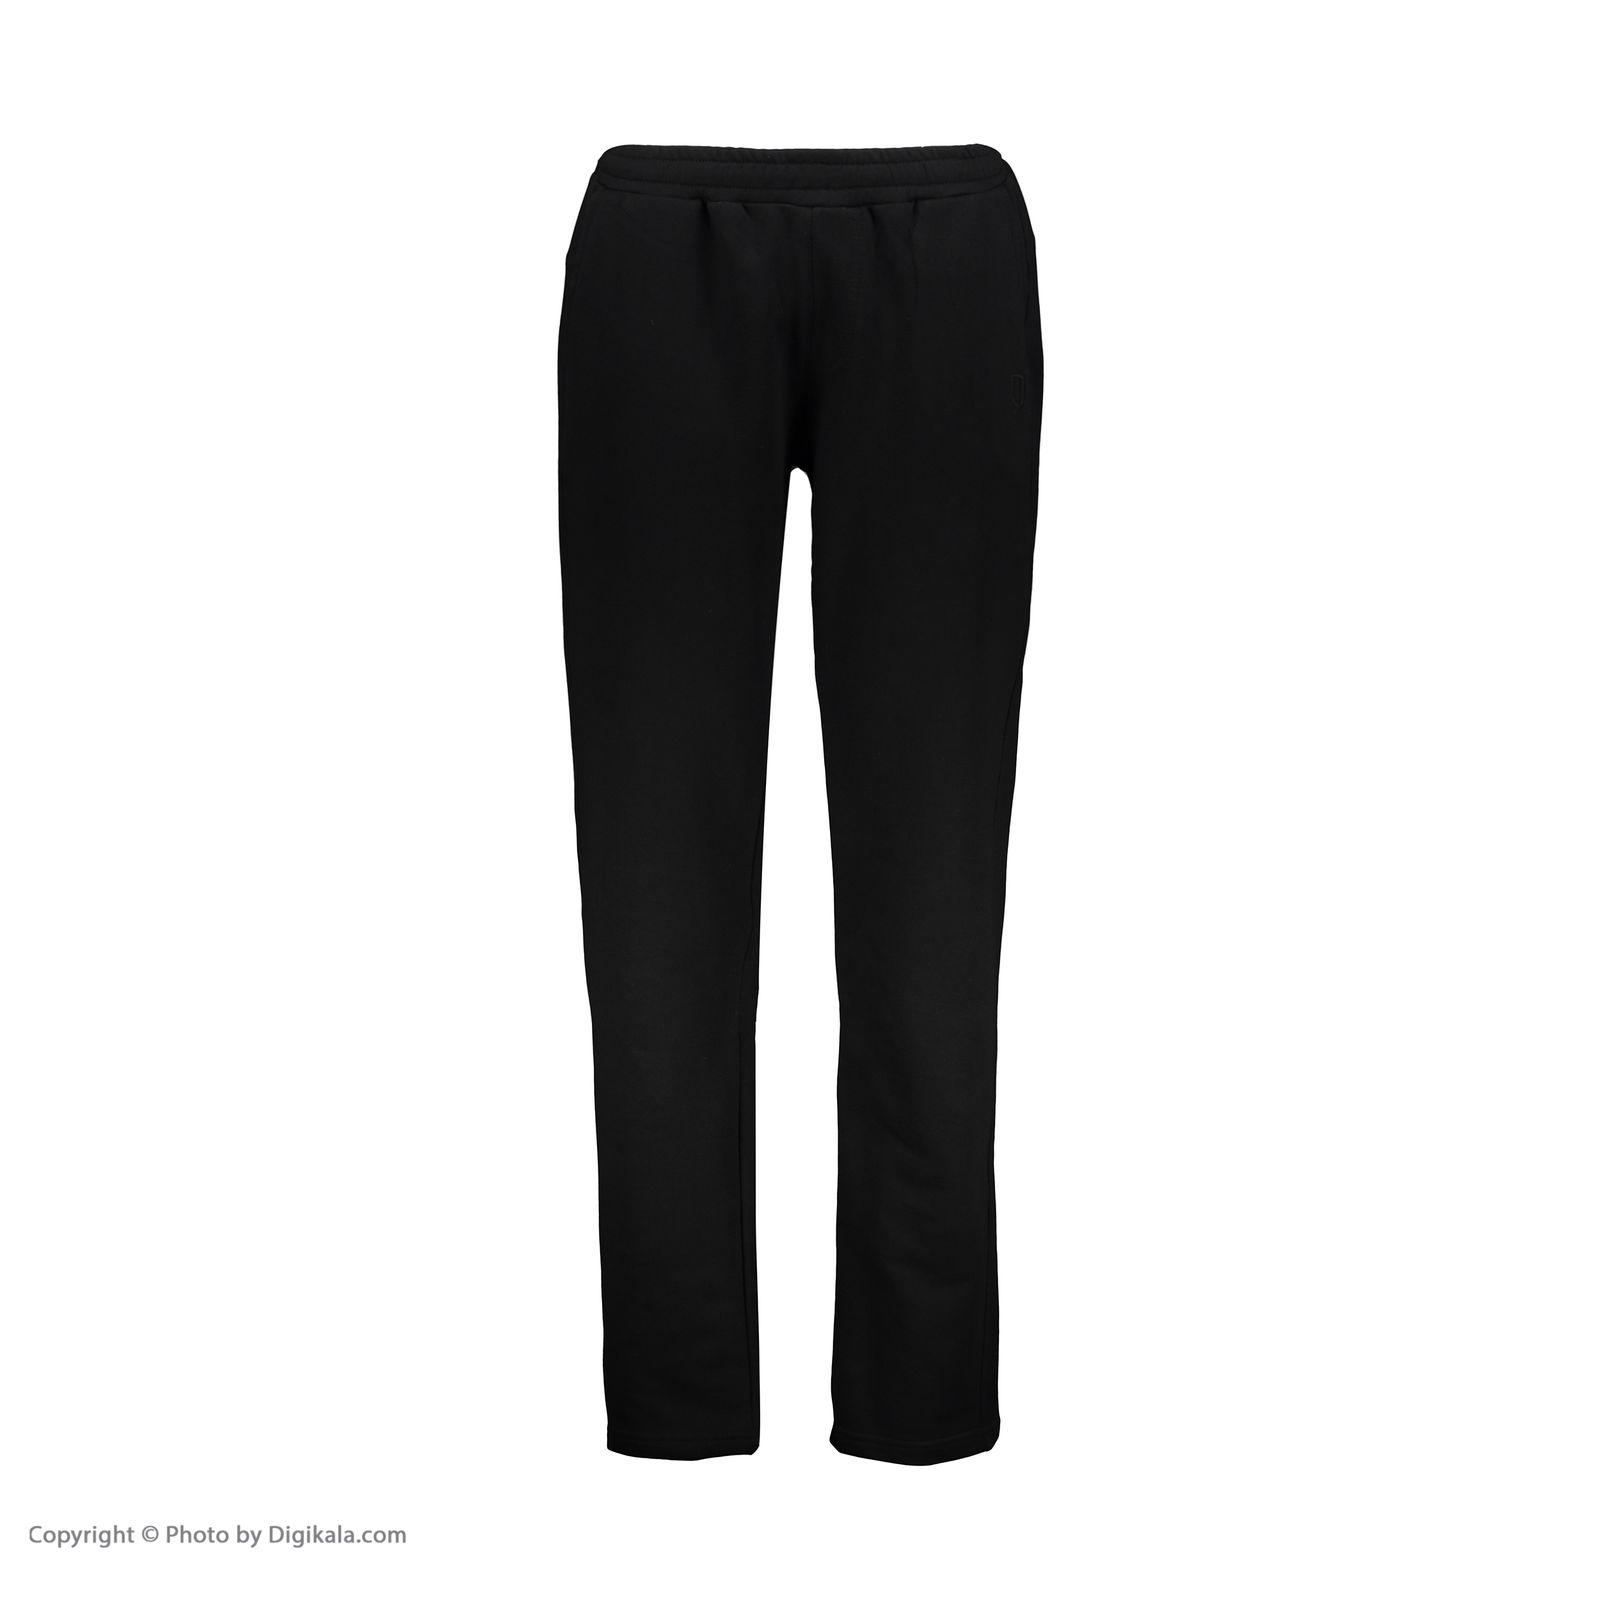 شلوار ورزشی مردانه یونی پرو مدل 911189302-95 -  - 2